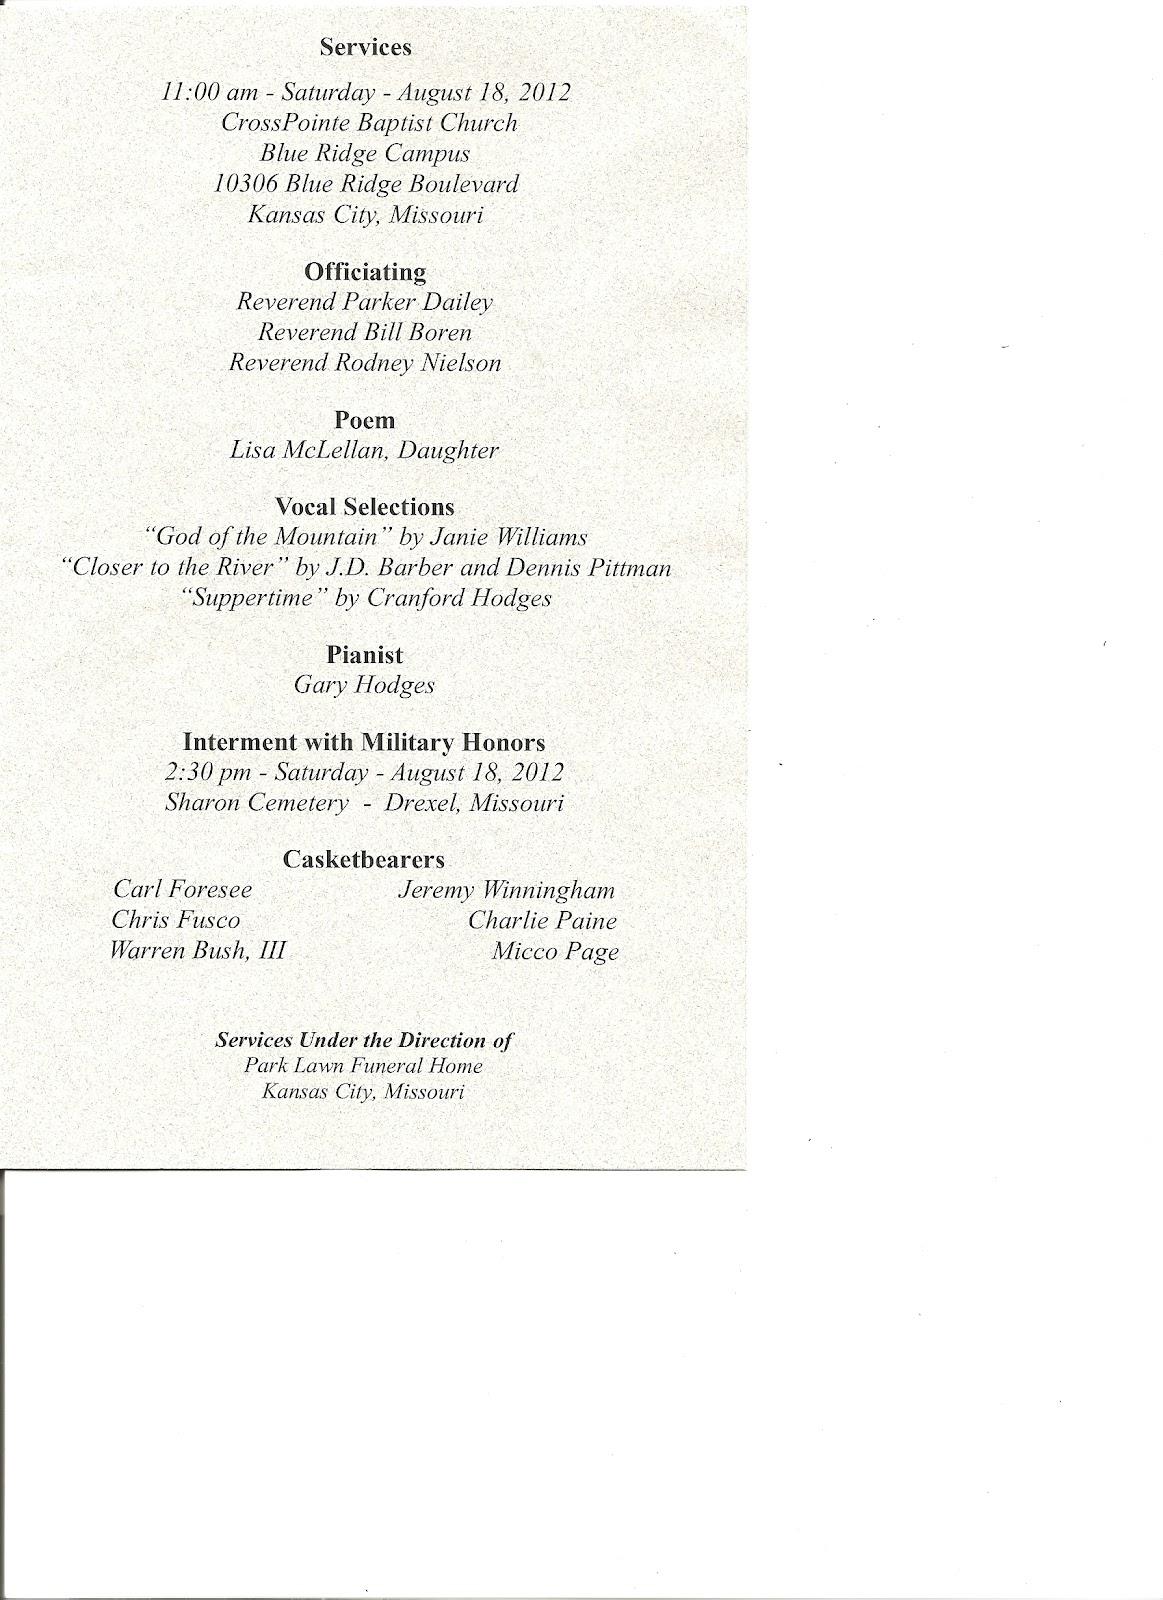 Gypsy Scholar  Burial Ceremony Program